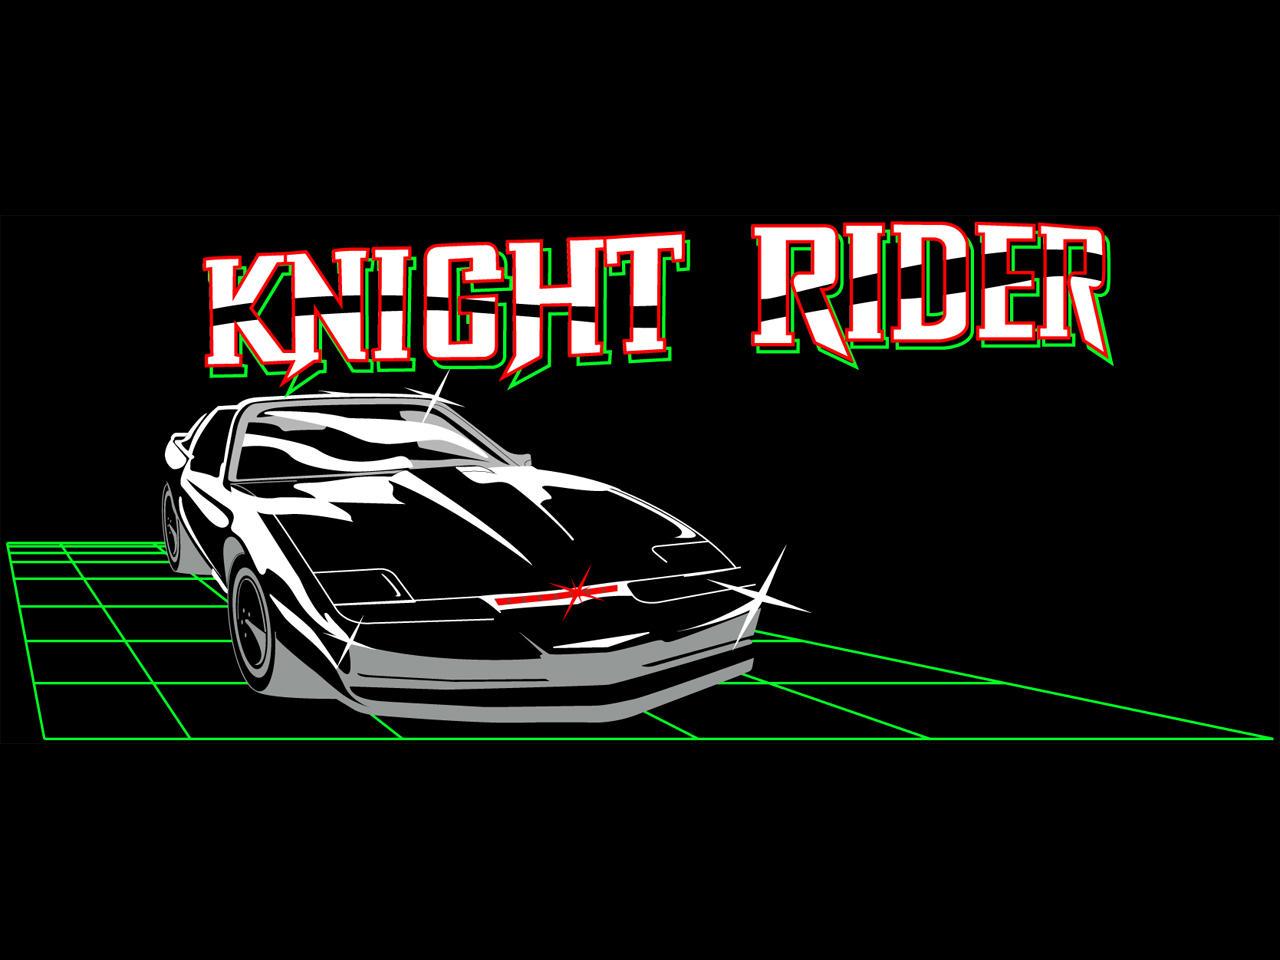 Knight Rider's KITT by estesgraphics